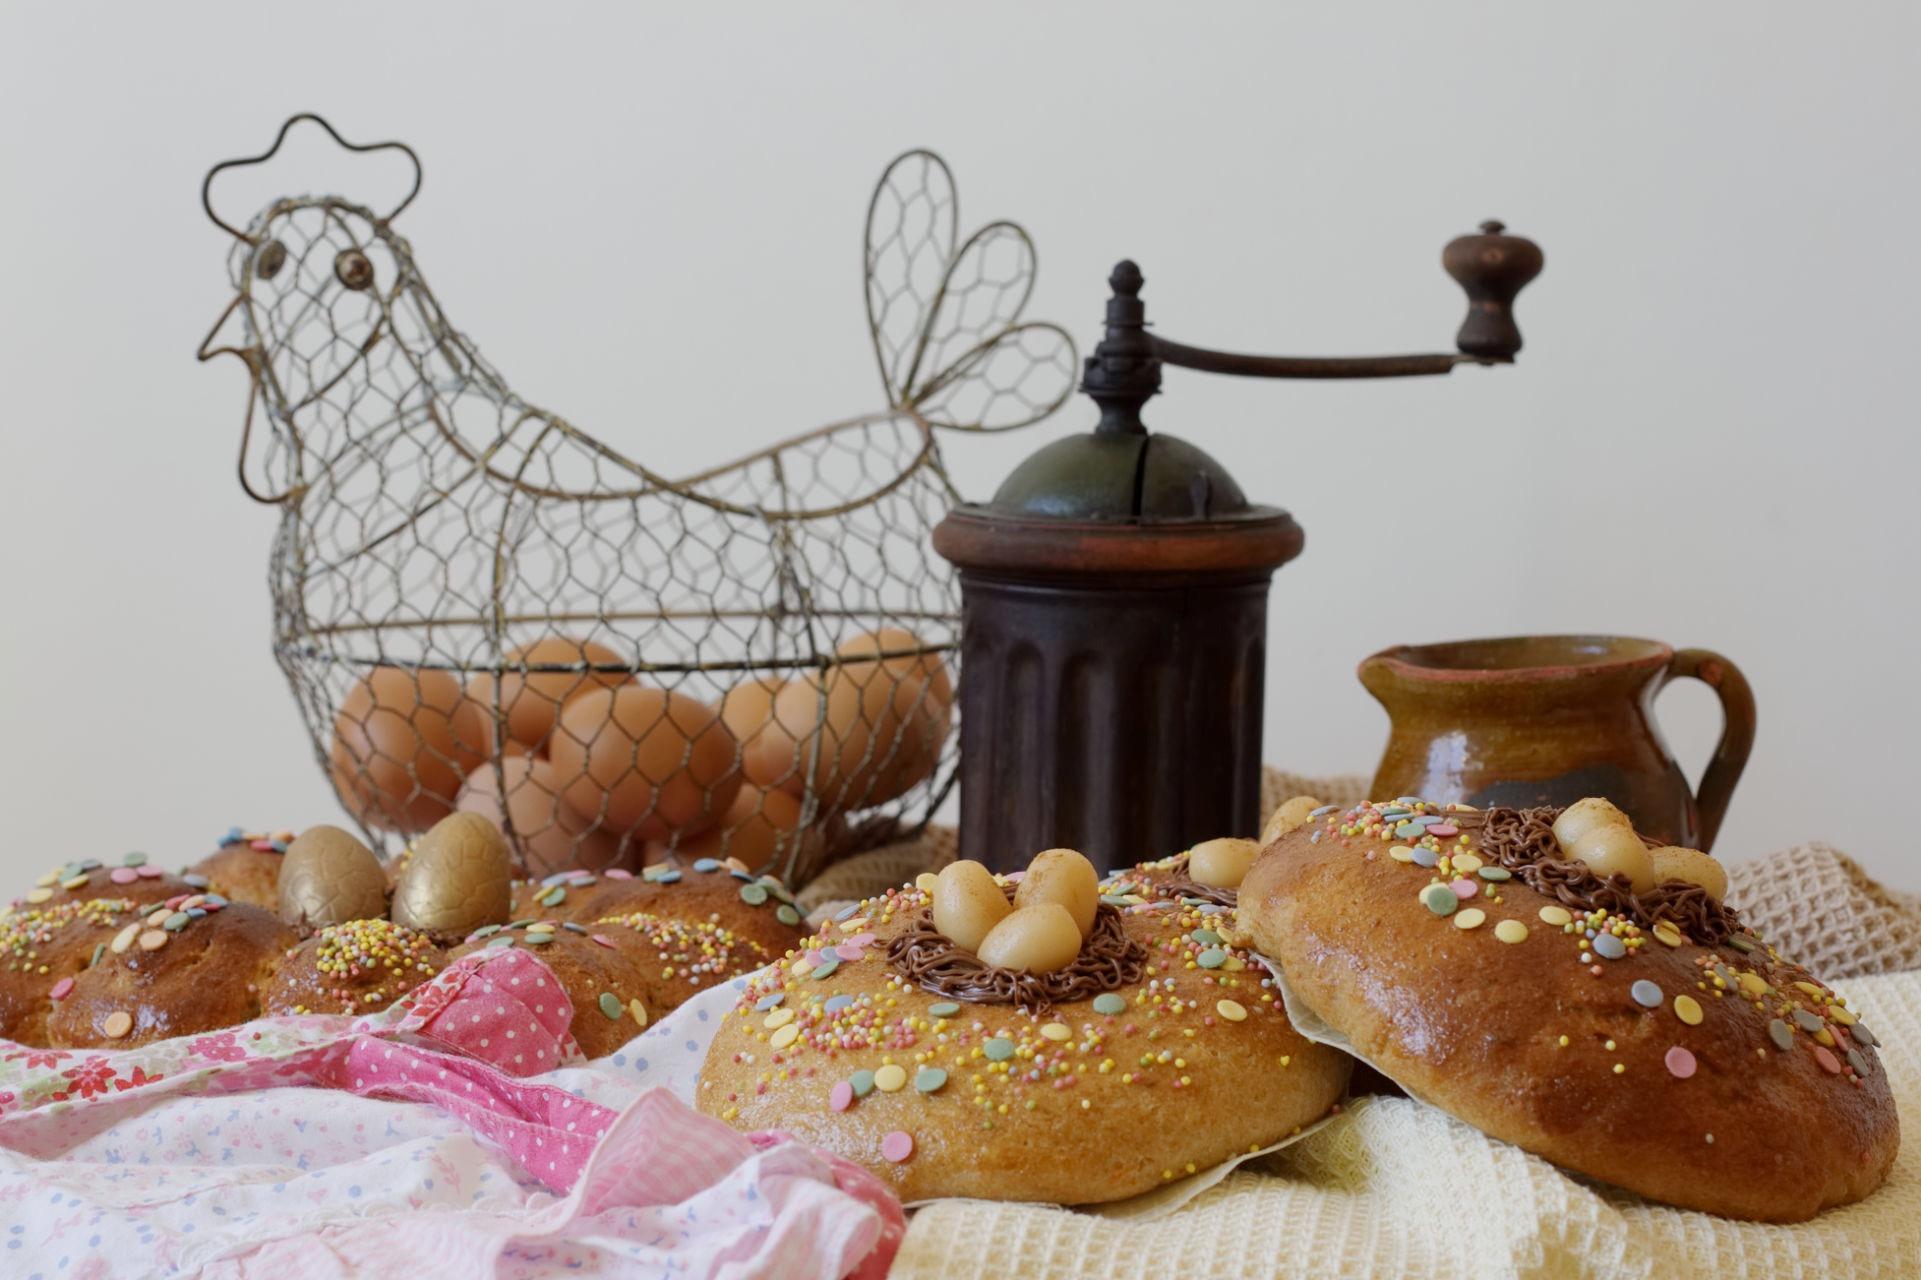 image from Monas de Pascua